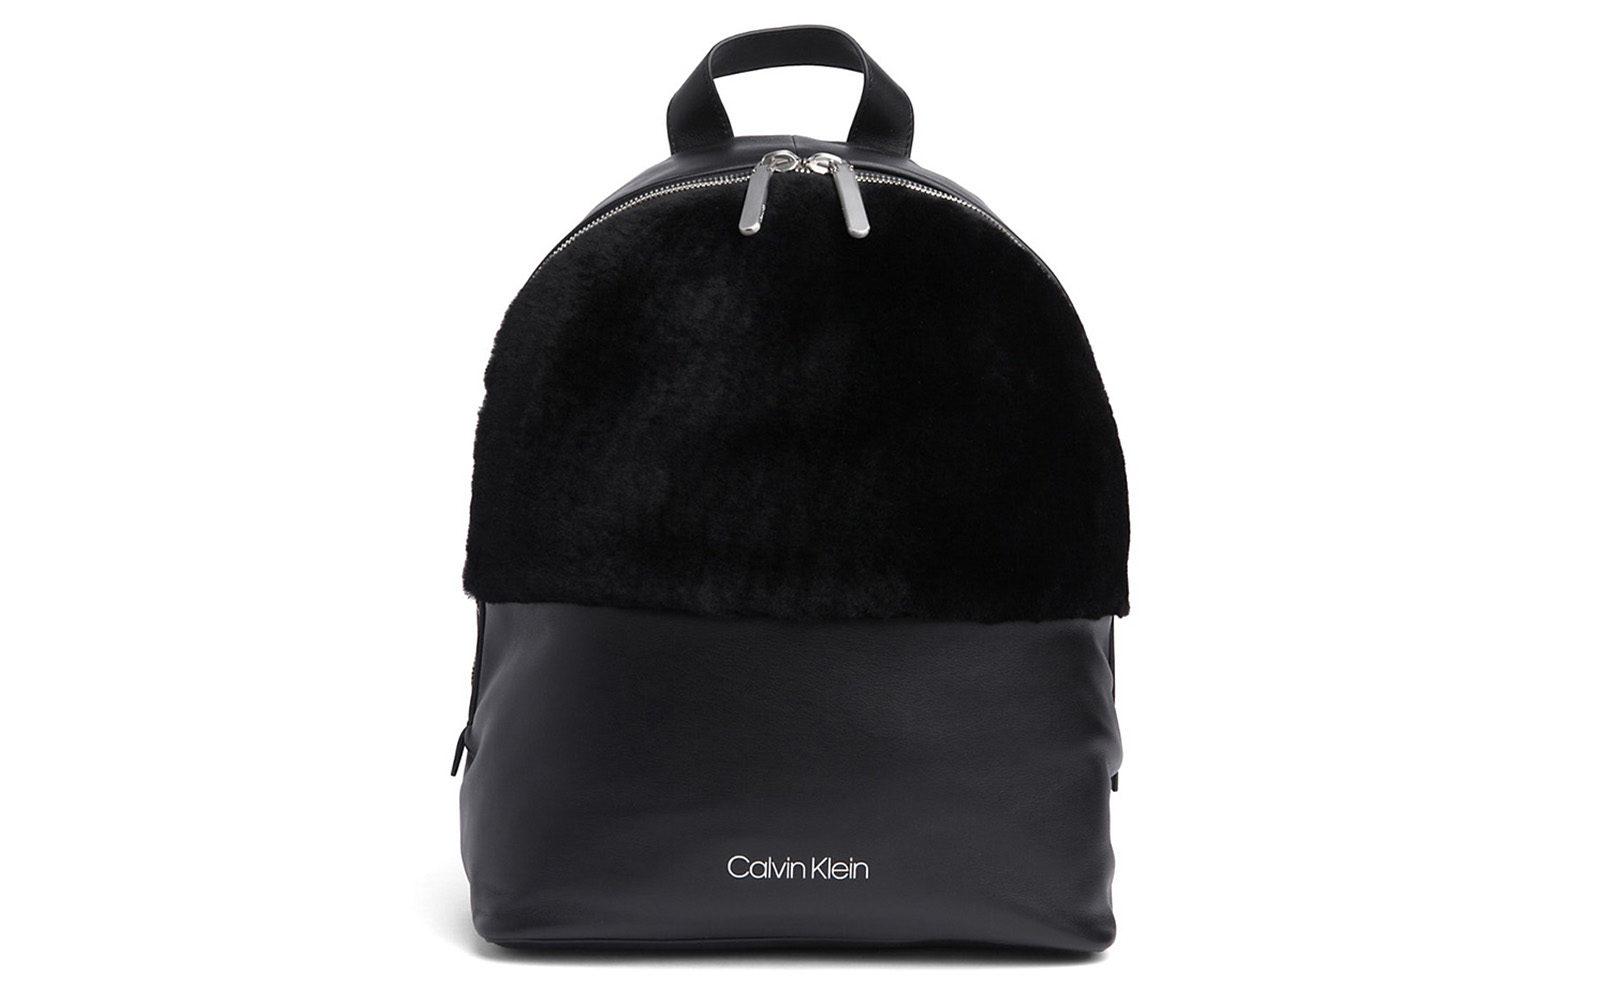 Calvin Klein 299,90 euro